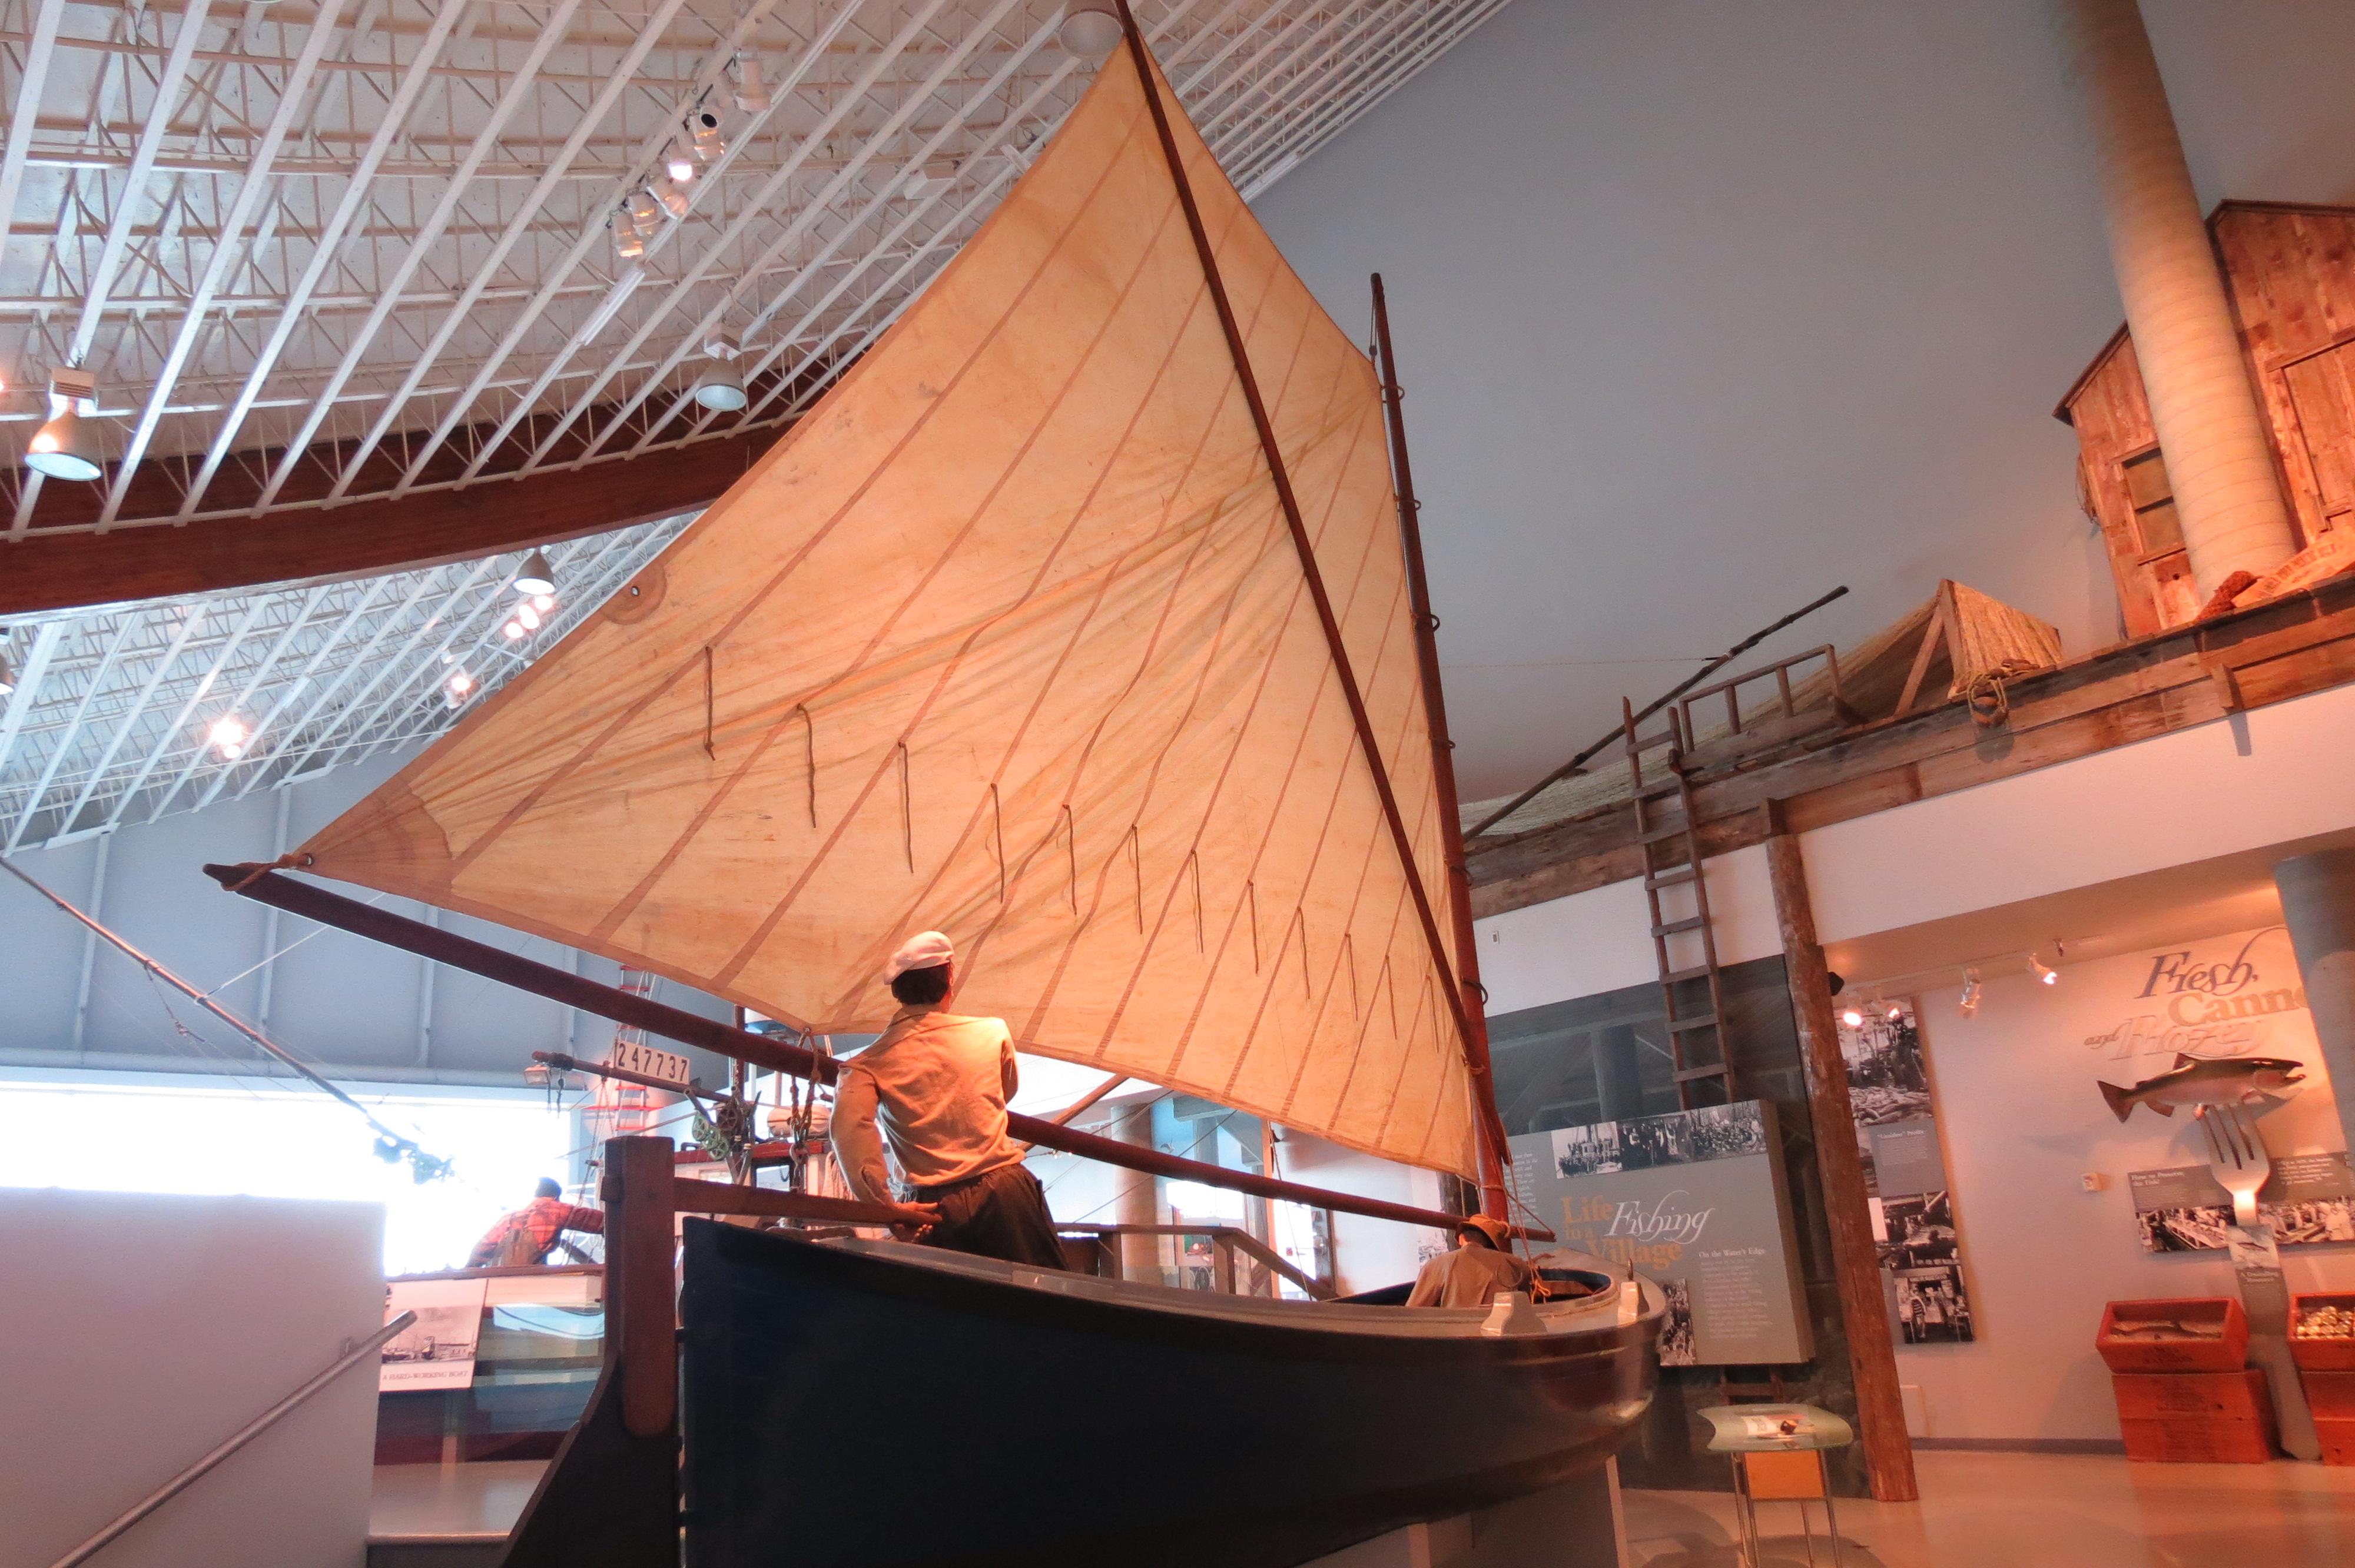 Astoria maritime museum coupon